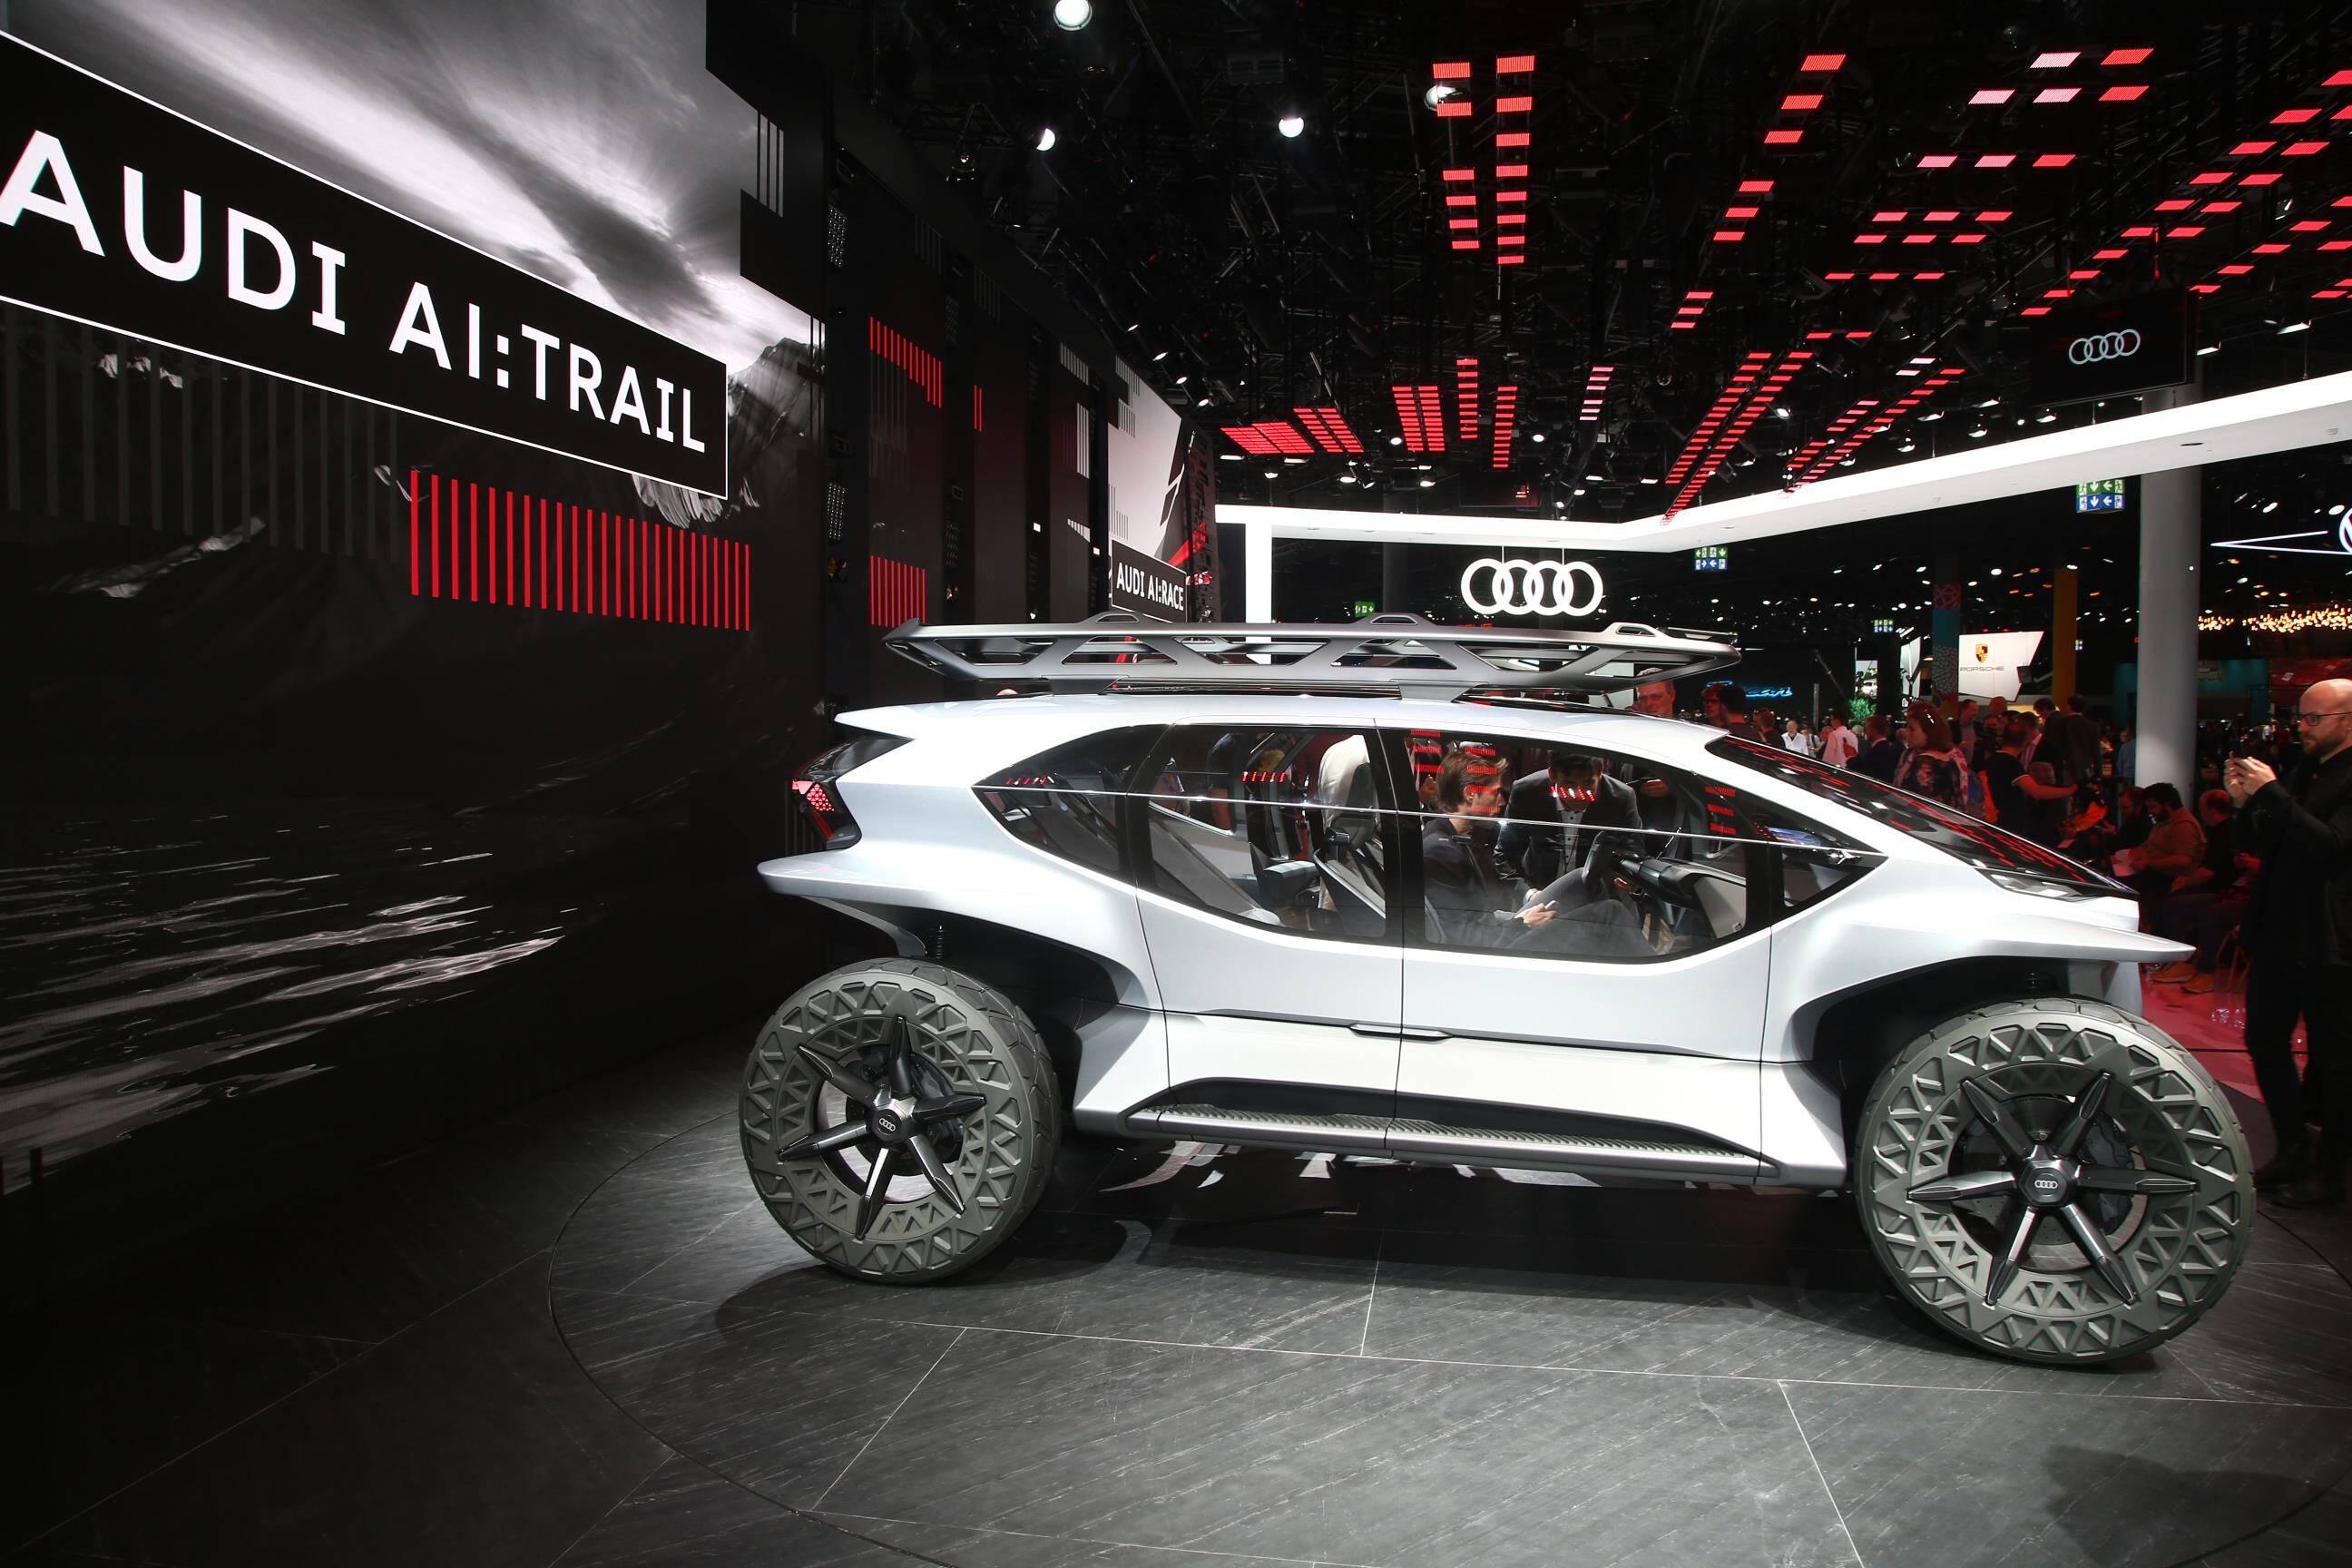 Audi Al: Trail Quattro. Foto: Newspress